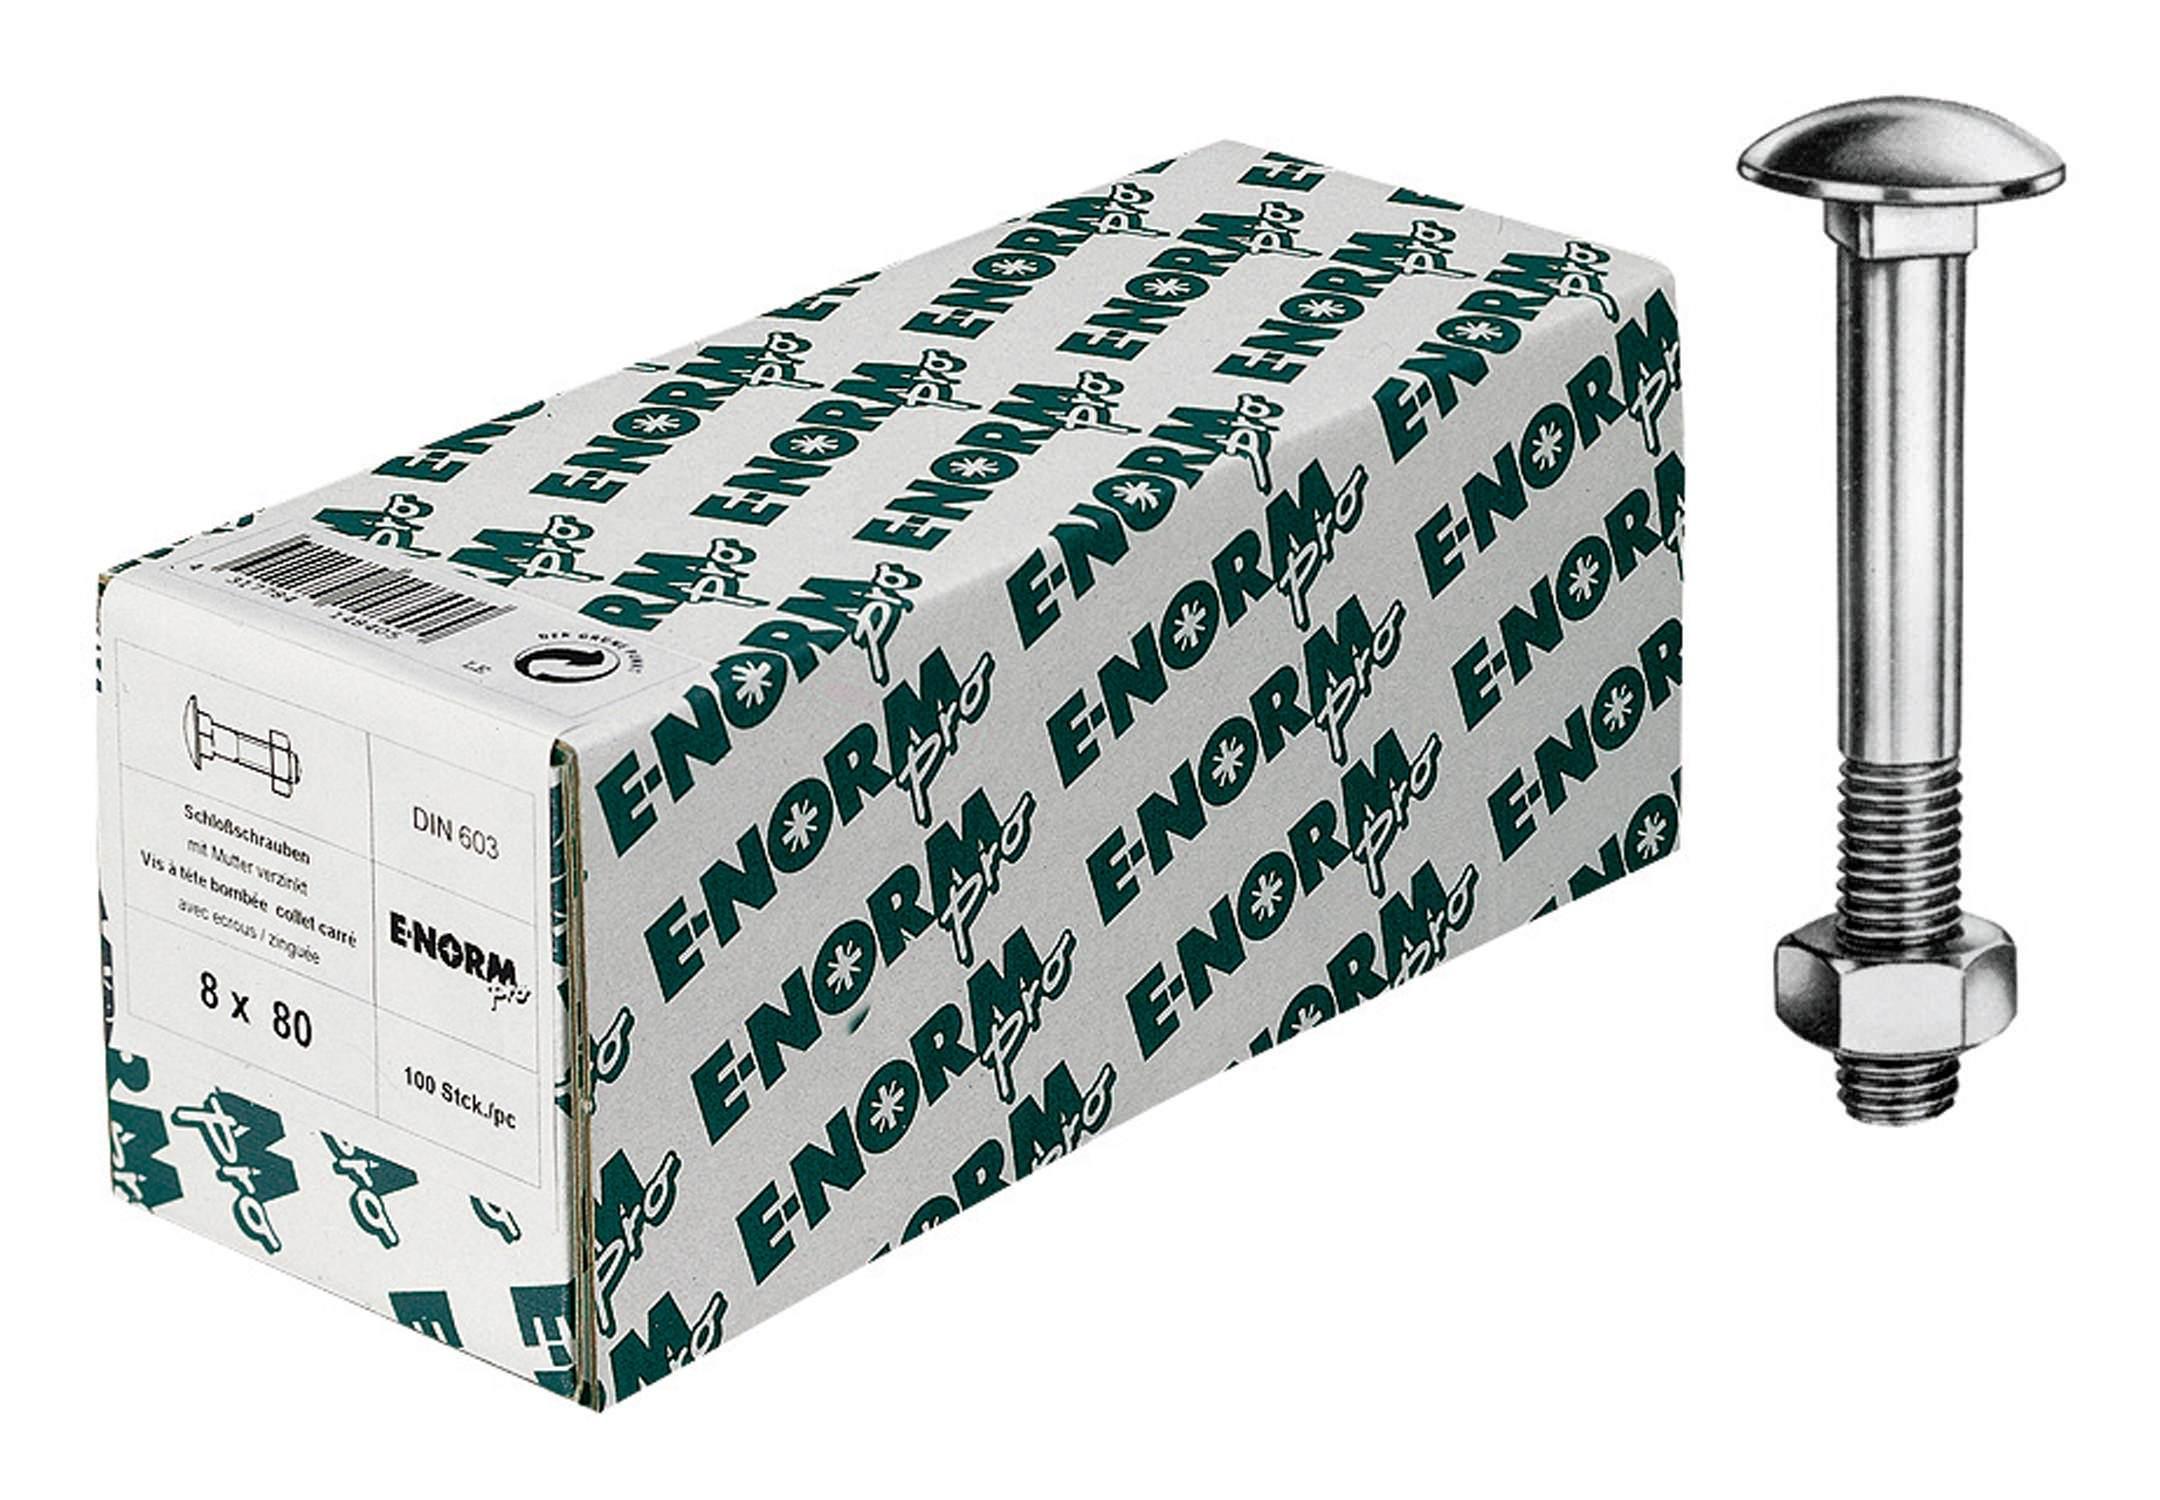 Stahl verzinkt 50 Stk Flachrundschraube mit Mutter DIN 603 M6 x 70